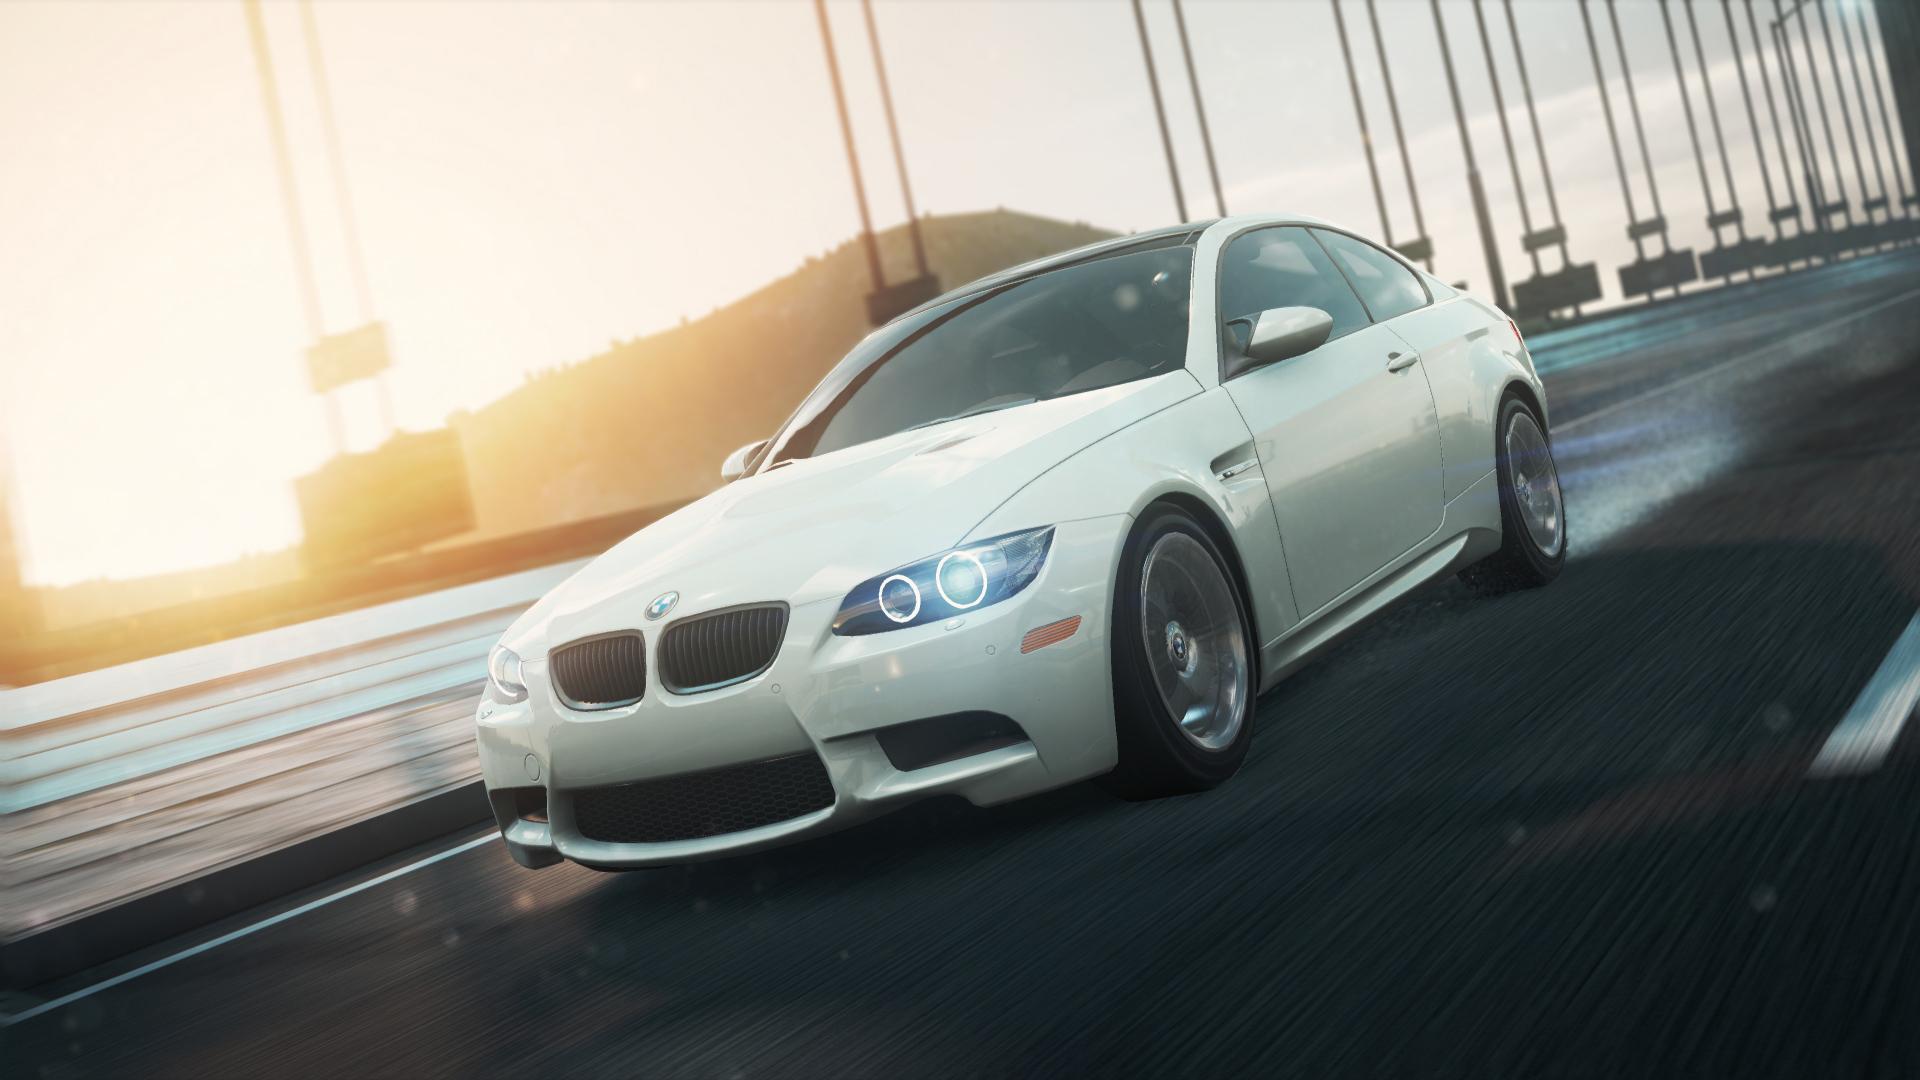 Bmw M3 Wiki >> BMW M3 (E92) - Need for Speed Wiki - Wikia